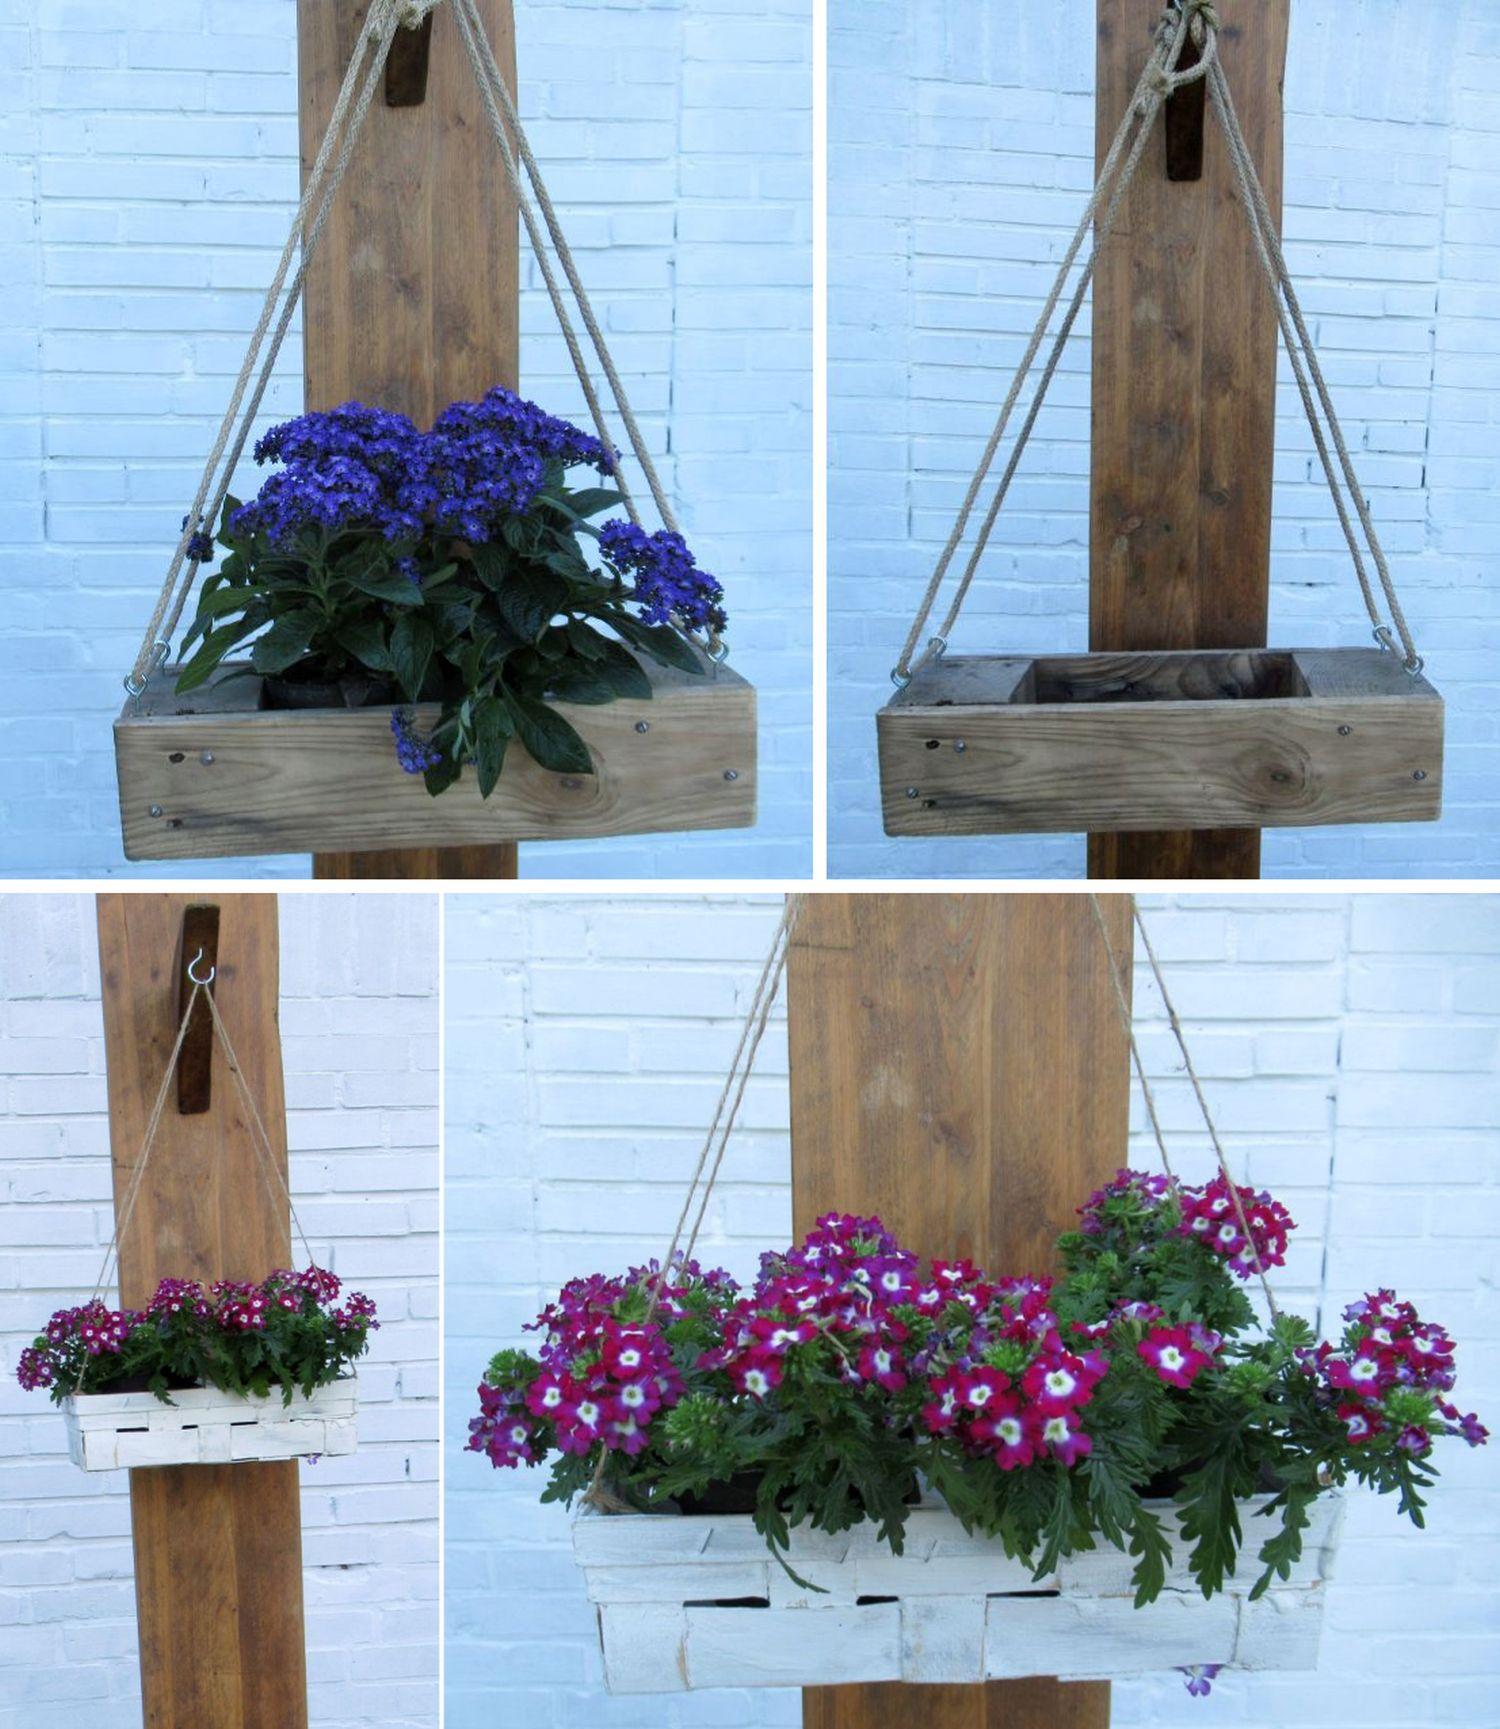 Kisten zum Aufhängen sind ideal für den Garten, Gartendekoration